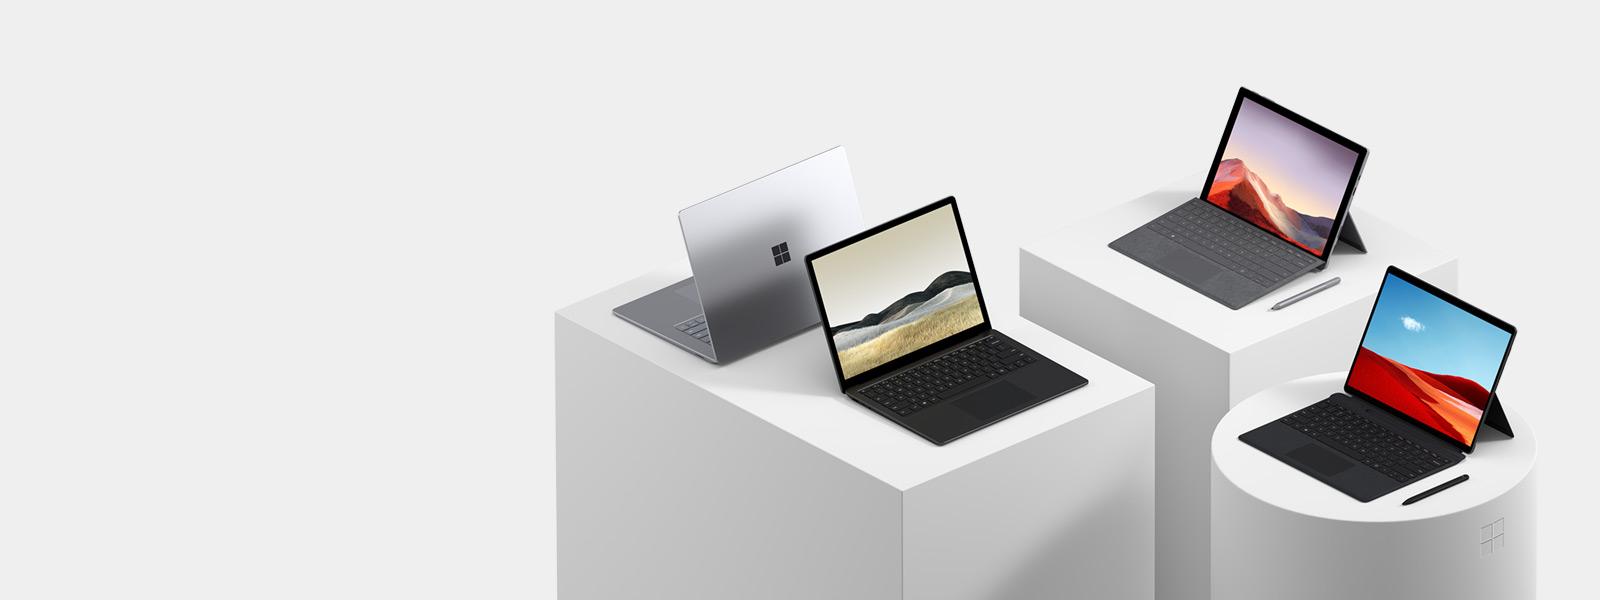 Windows 10 노트북 컬렉션